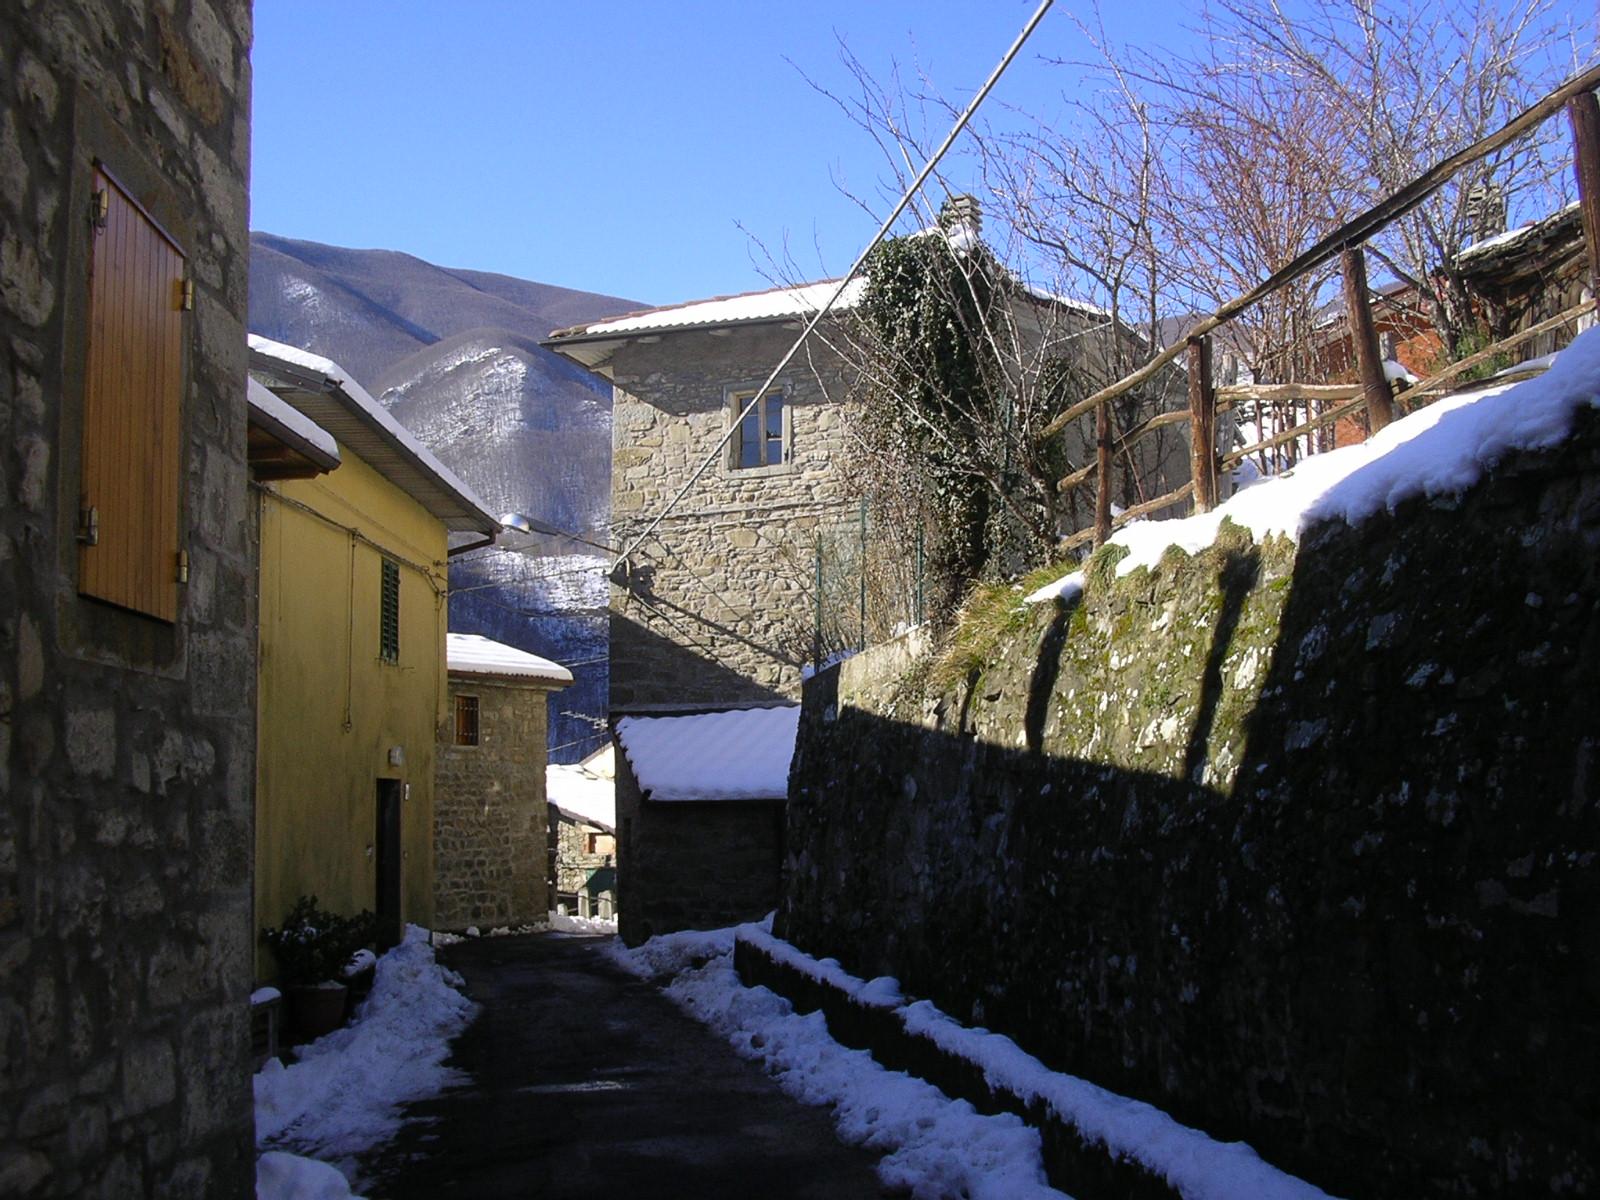 File:Casa Calistri - Abitazioni caratteristiche I.JPG - Wikimedia Commons